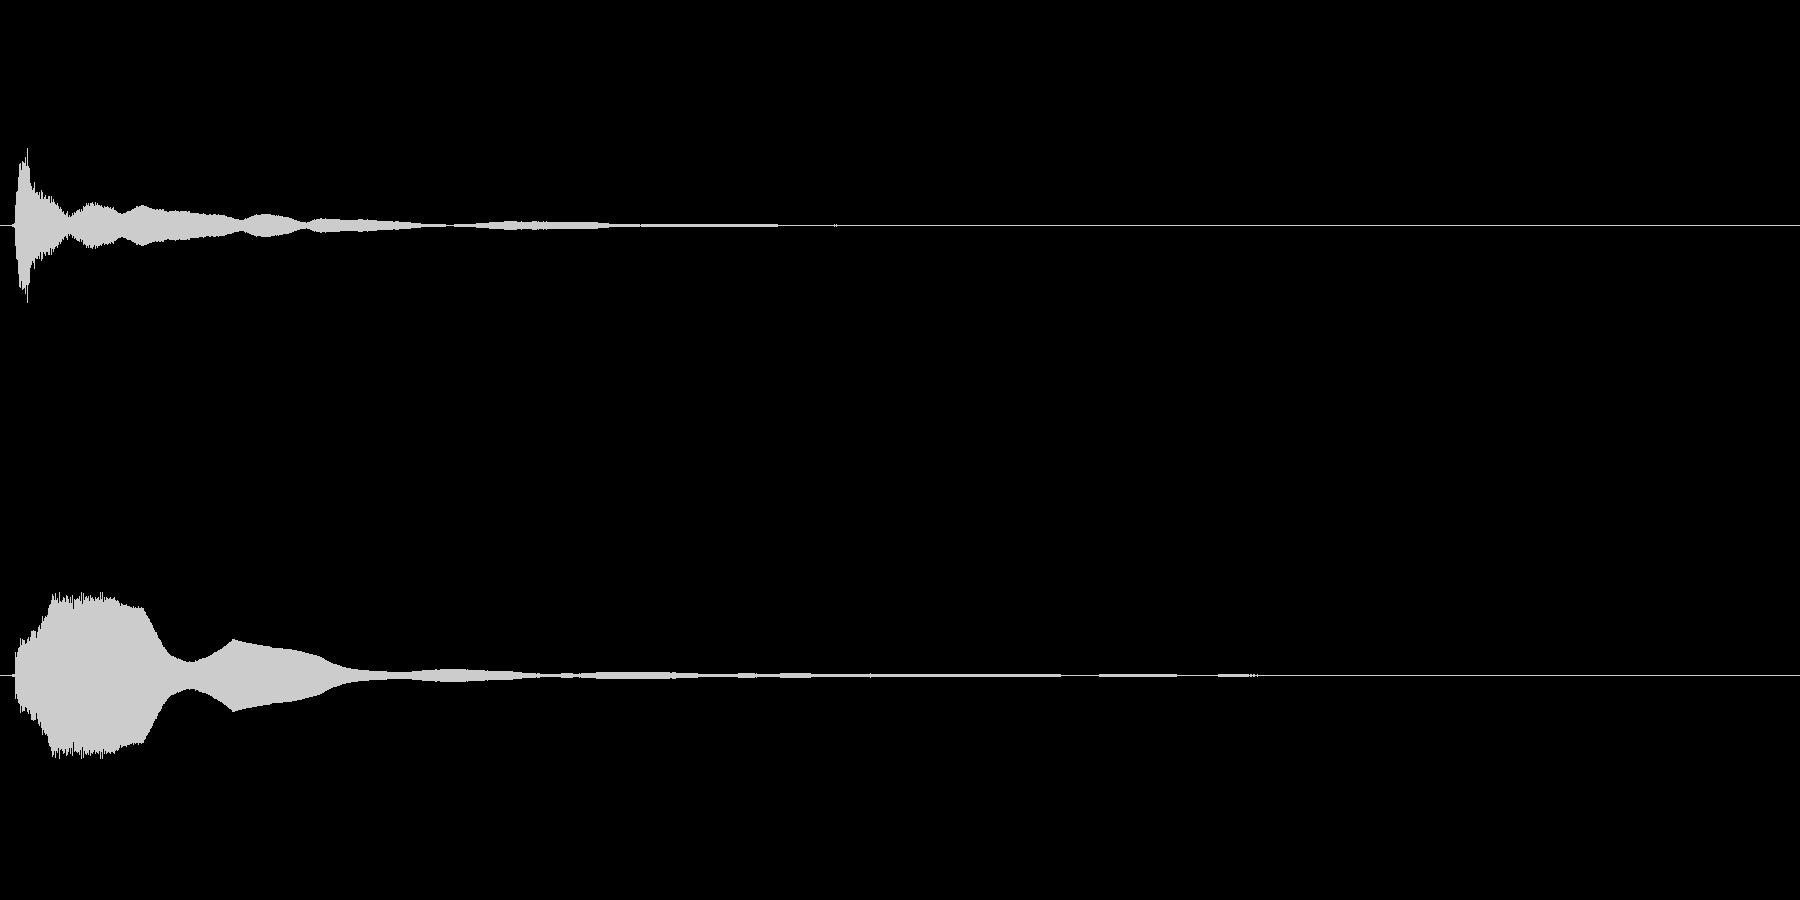 キラキラ系_059の未再生の波形